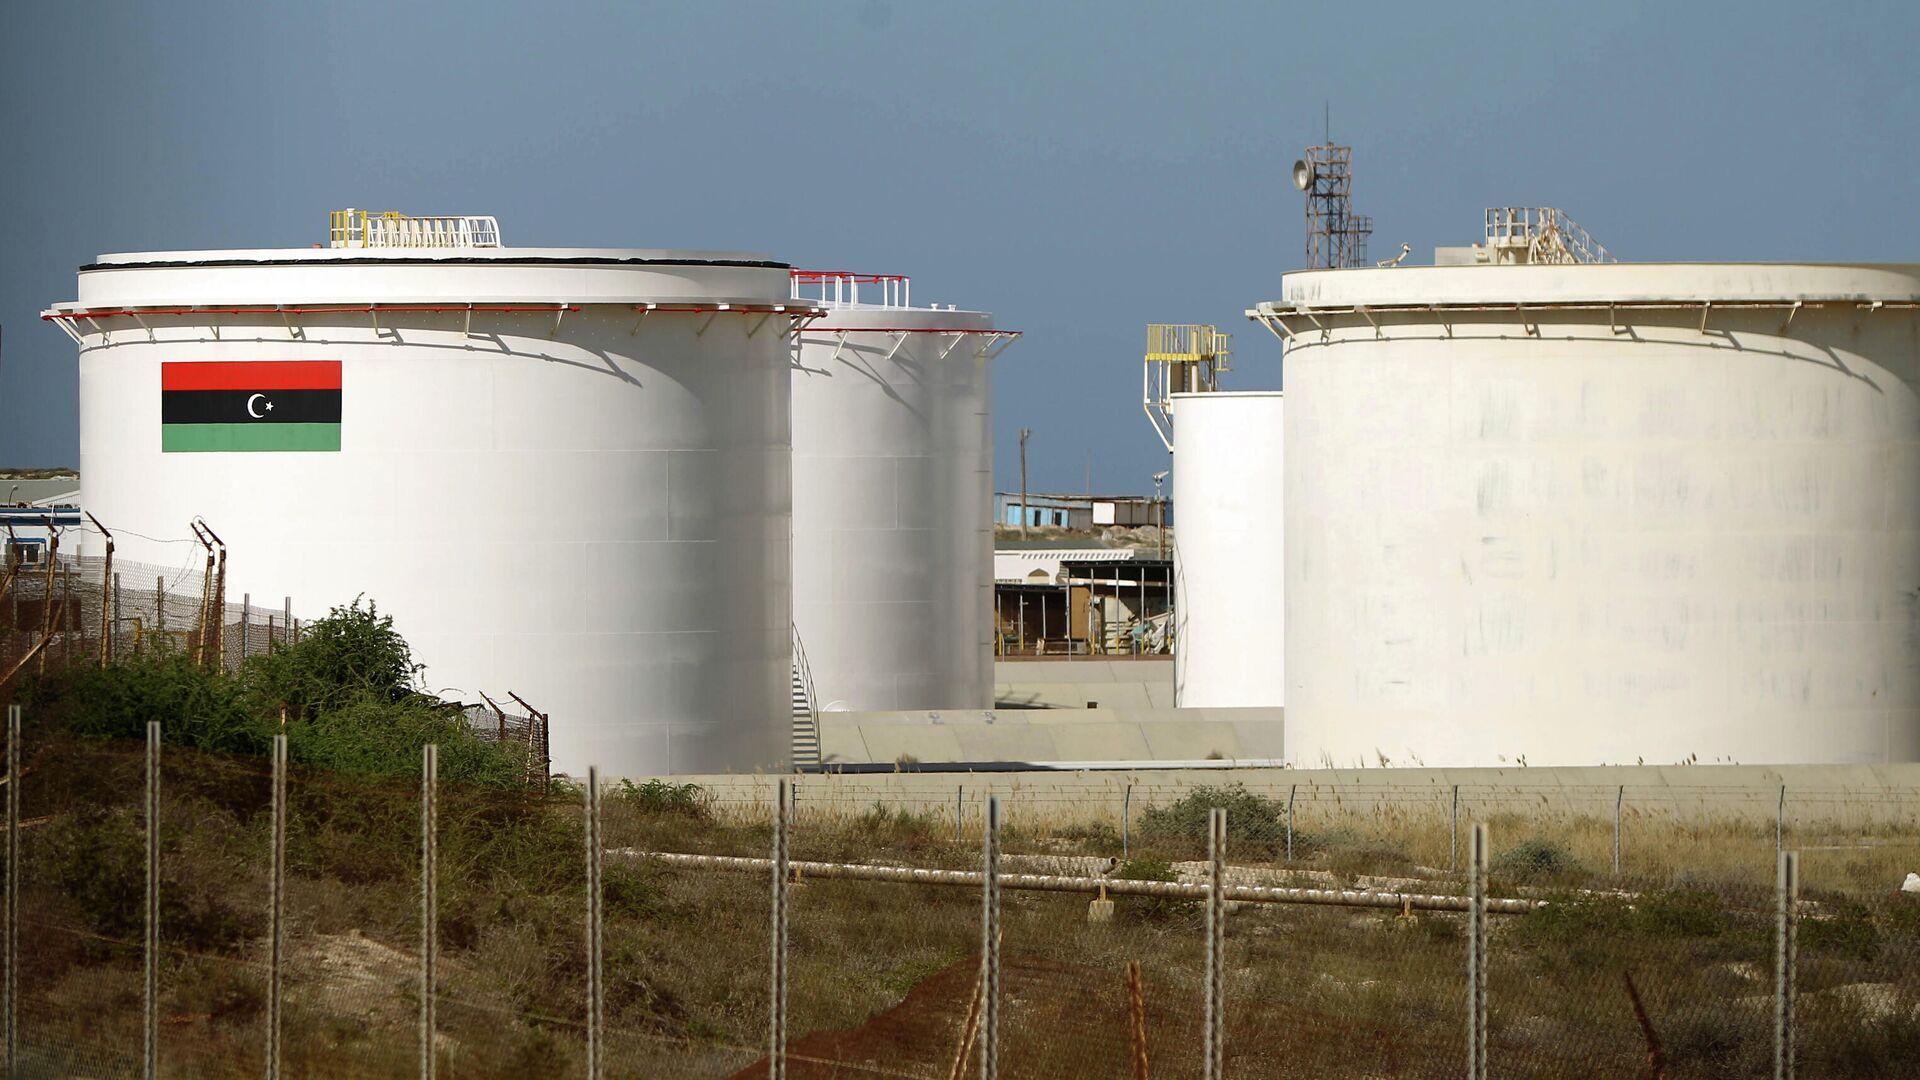 Нефтеперерабатывающий завод в Эль-Бурайке, Ливия - РИА Новости, 1920, 28.09.2020